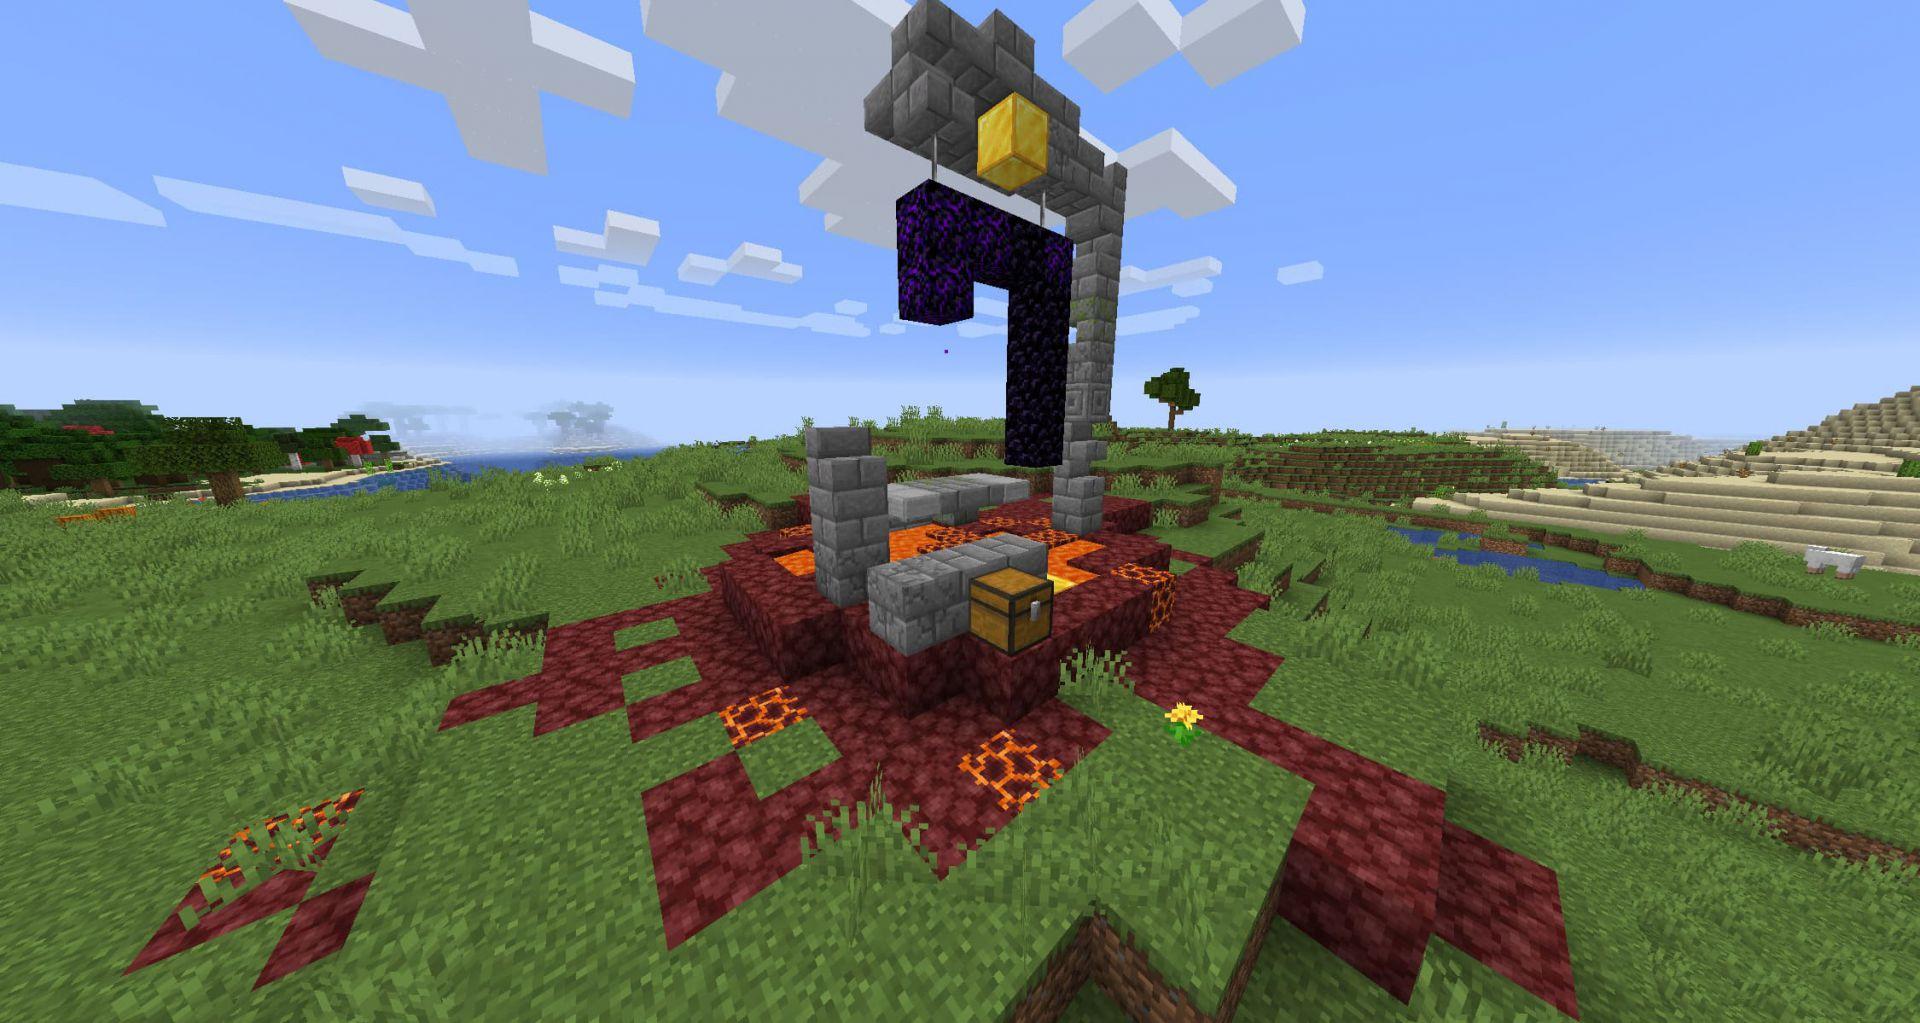 Portal en ruinas en la superficie de Minecraft Nether Update Snapshot 20W16A 1